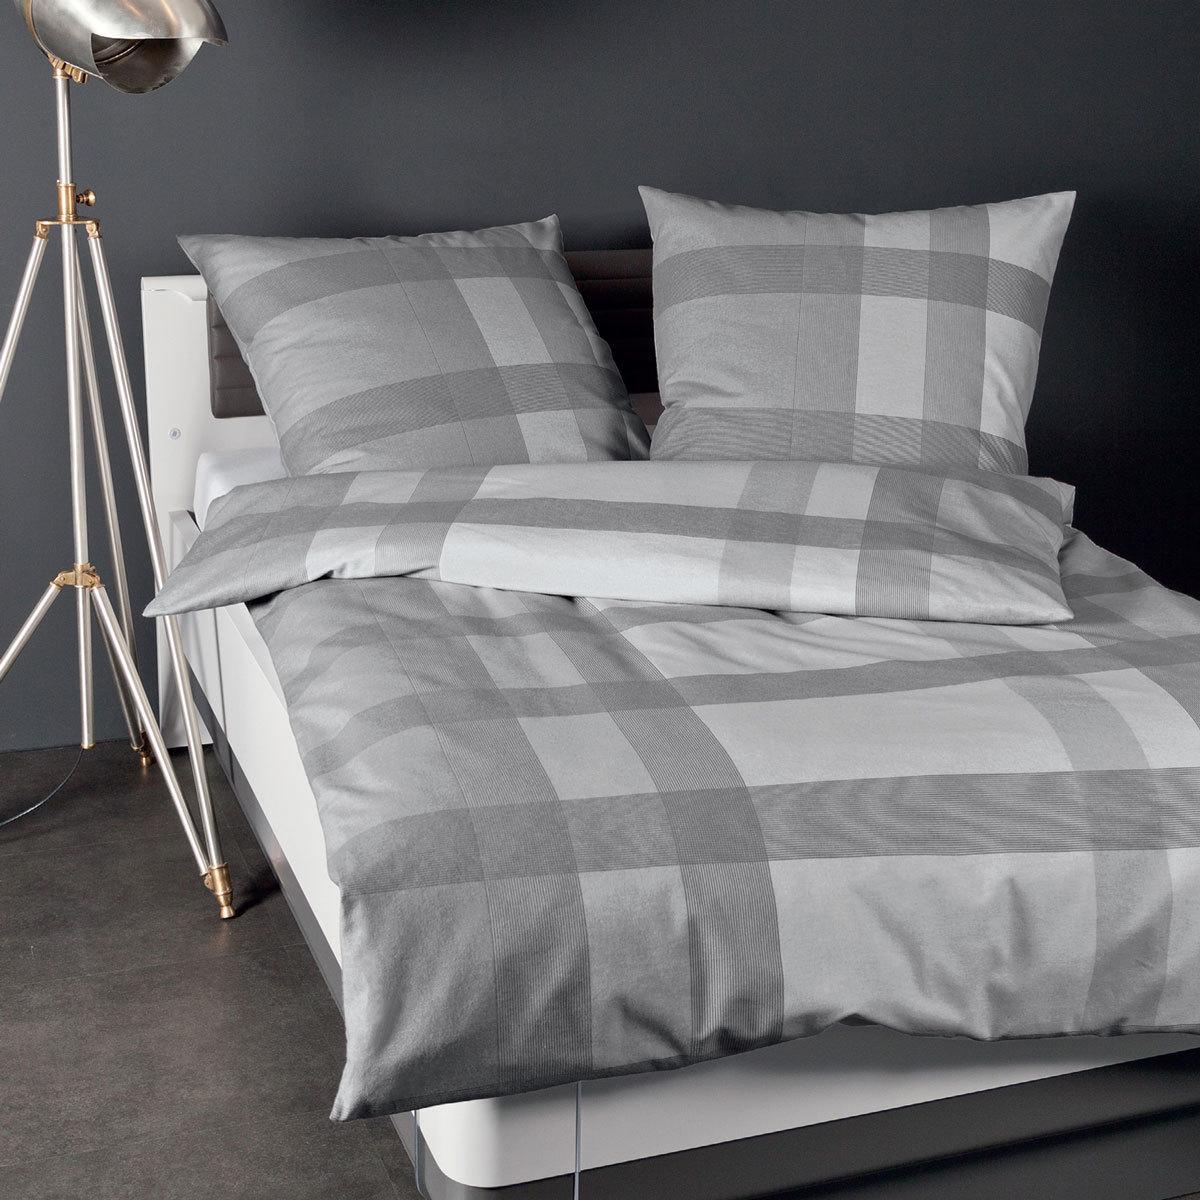 janine feinbiber bettw sche davos 65035 08 g nstig online kaufen bei bettwaren shop. Black Bedroom Furniture Sets. Home Design Ideas